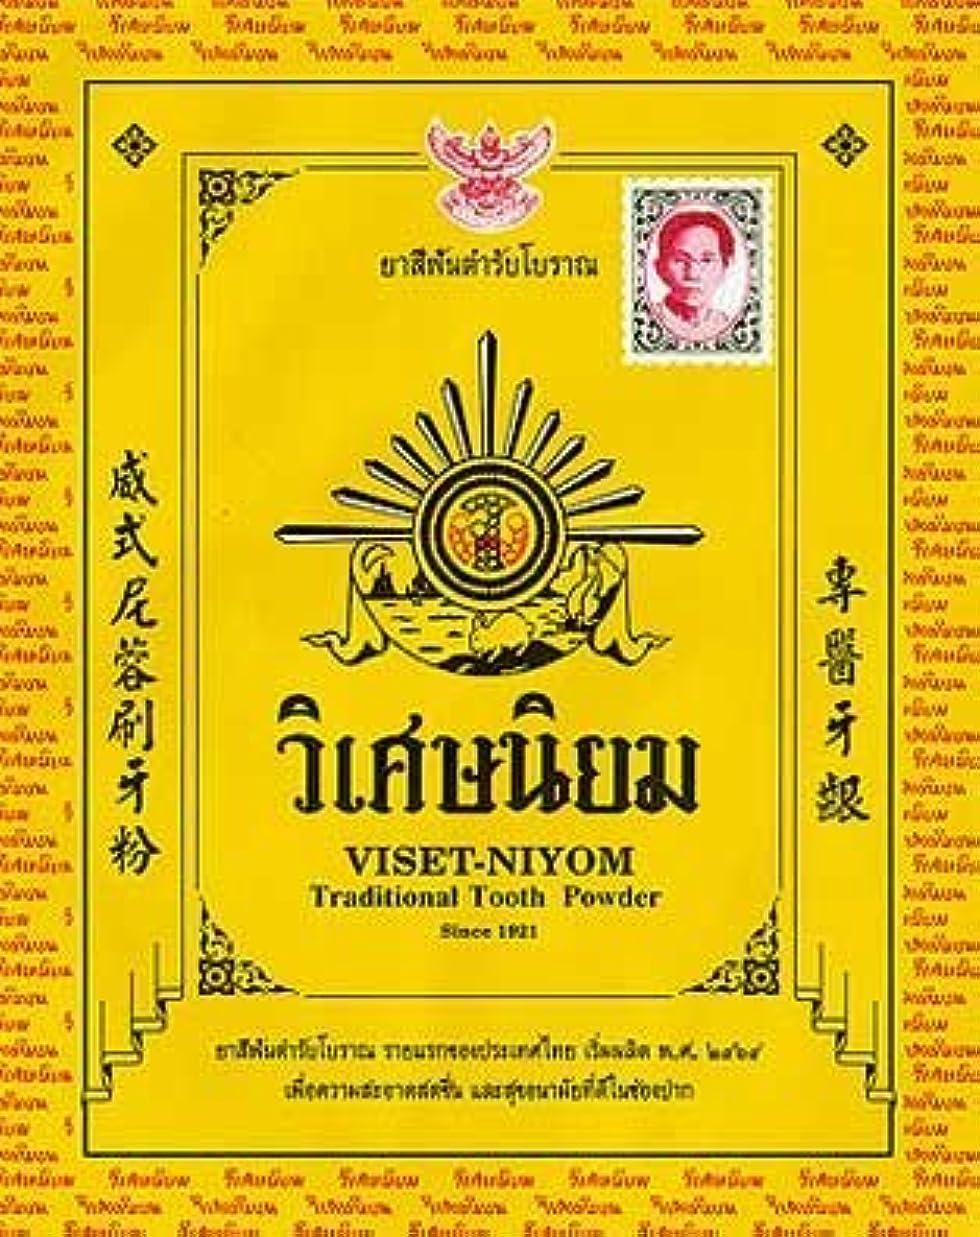 人種クリップ蝶コンベンションHerbal Whitening Tooth Powder Thai Original Traditional Toothpaste 40 G. x 2 Packs by Viset Niyom Tooth Powder